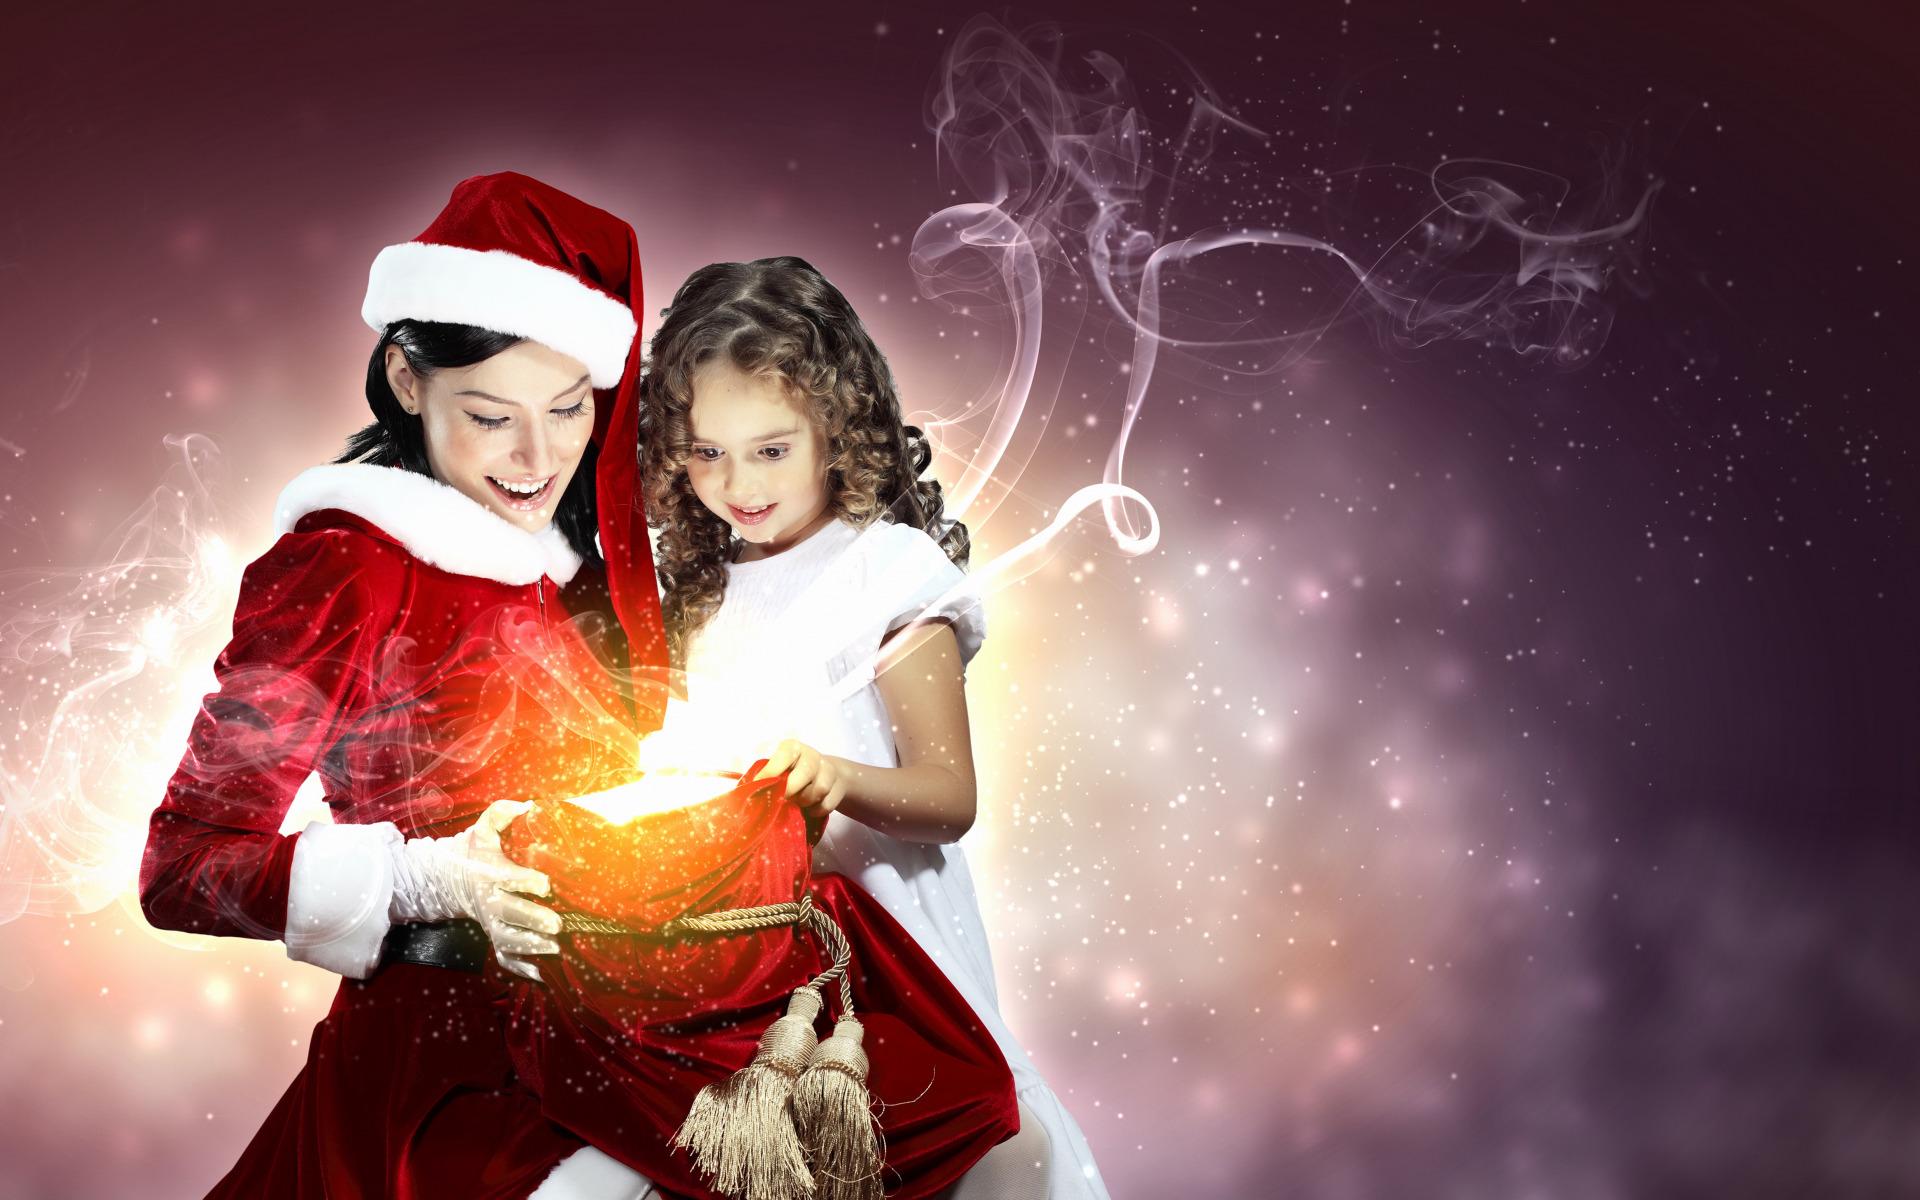 Волшебство в новый год для девушки